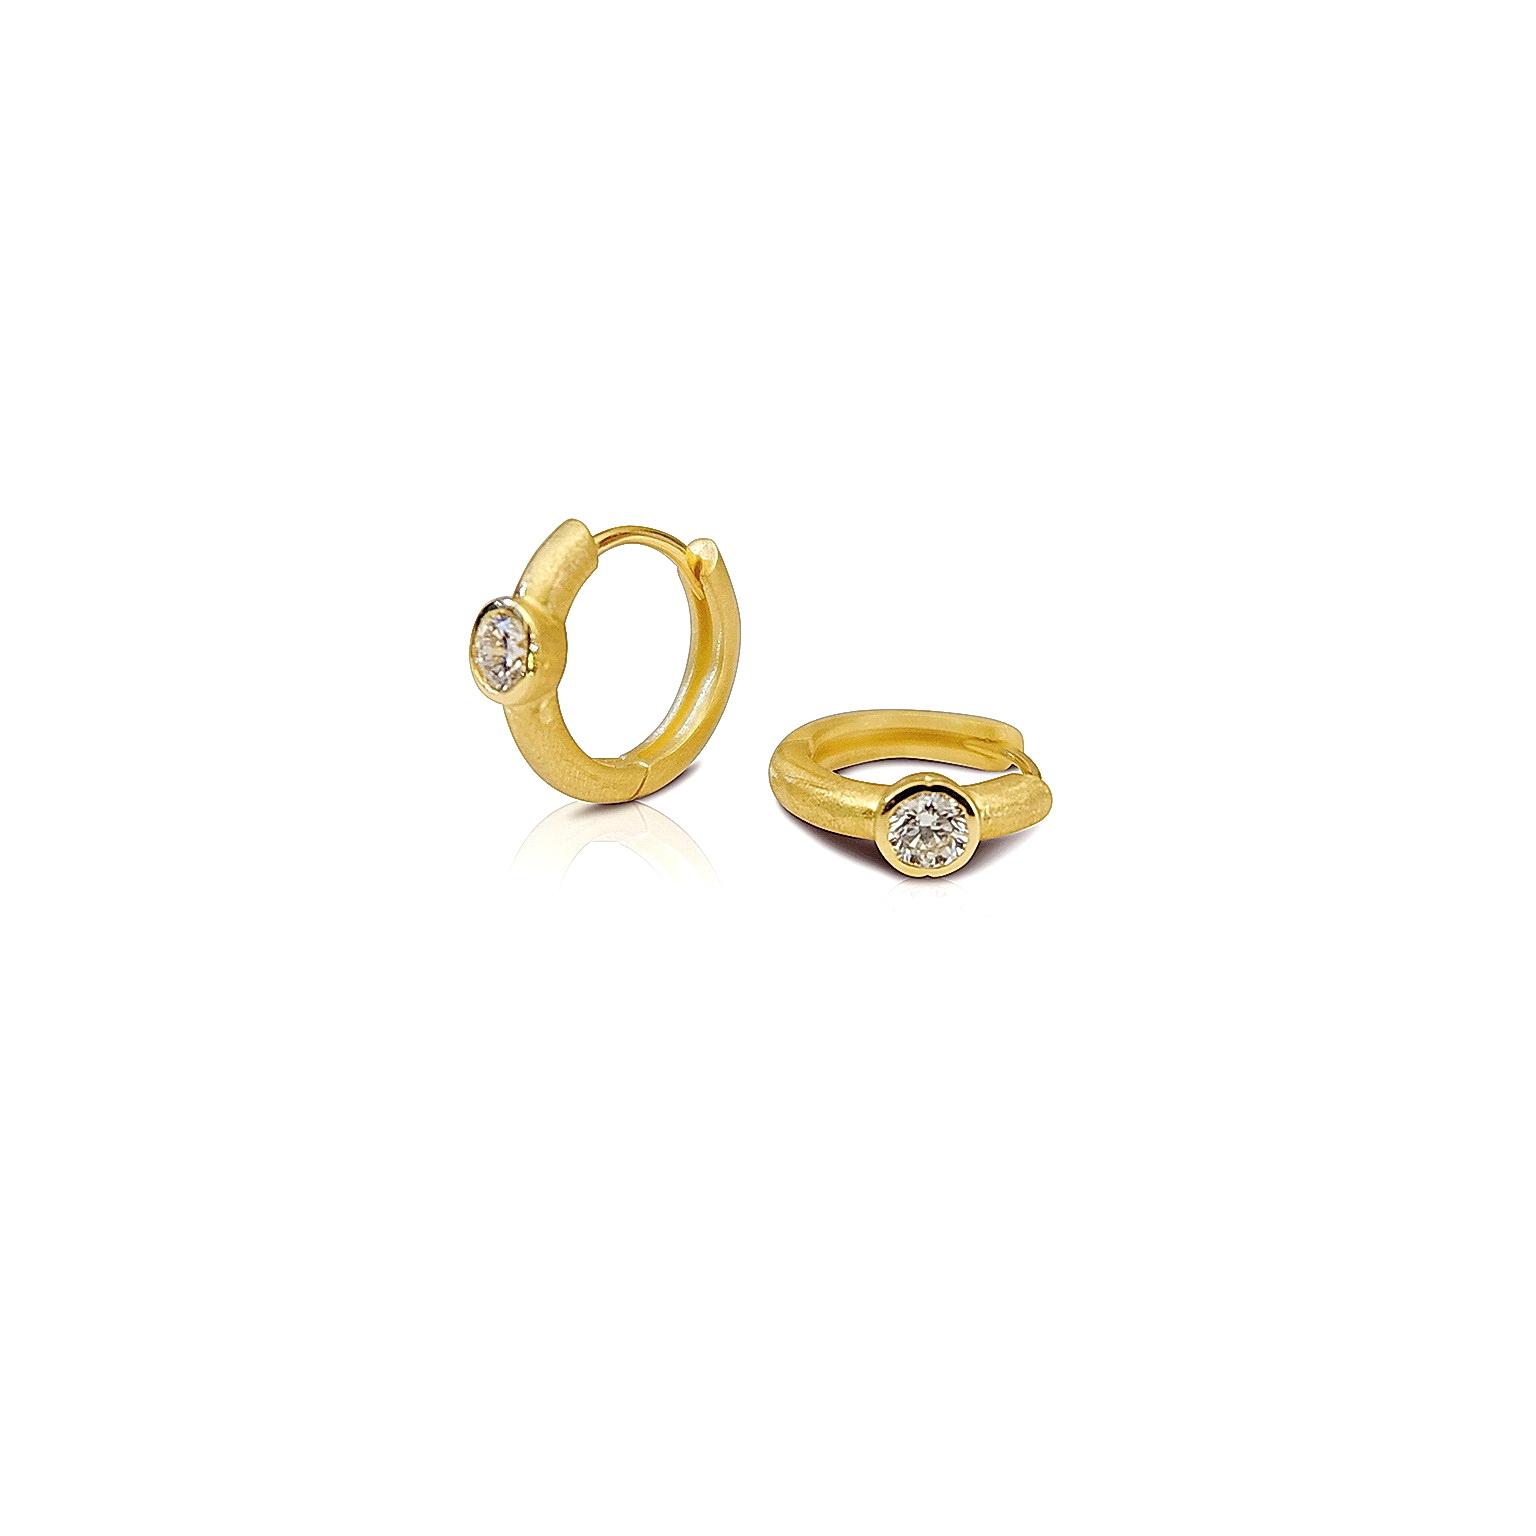 'Little Luca' 18 Carat Yellow Gold Diamond Earrings